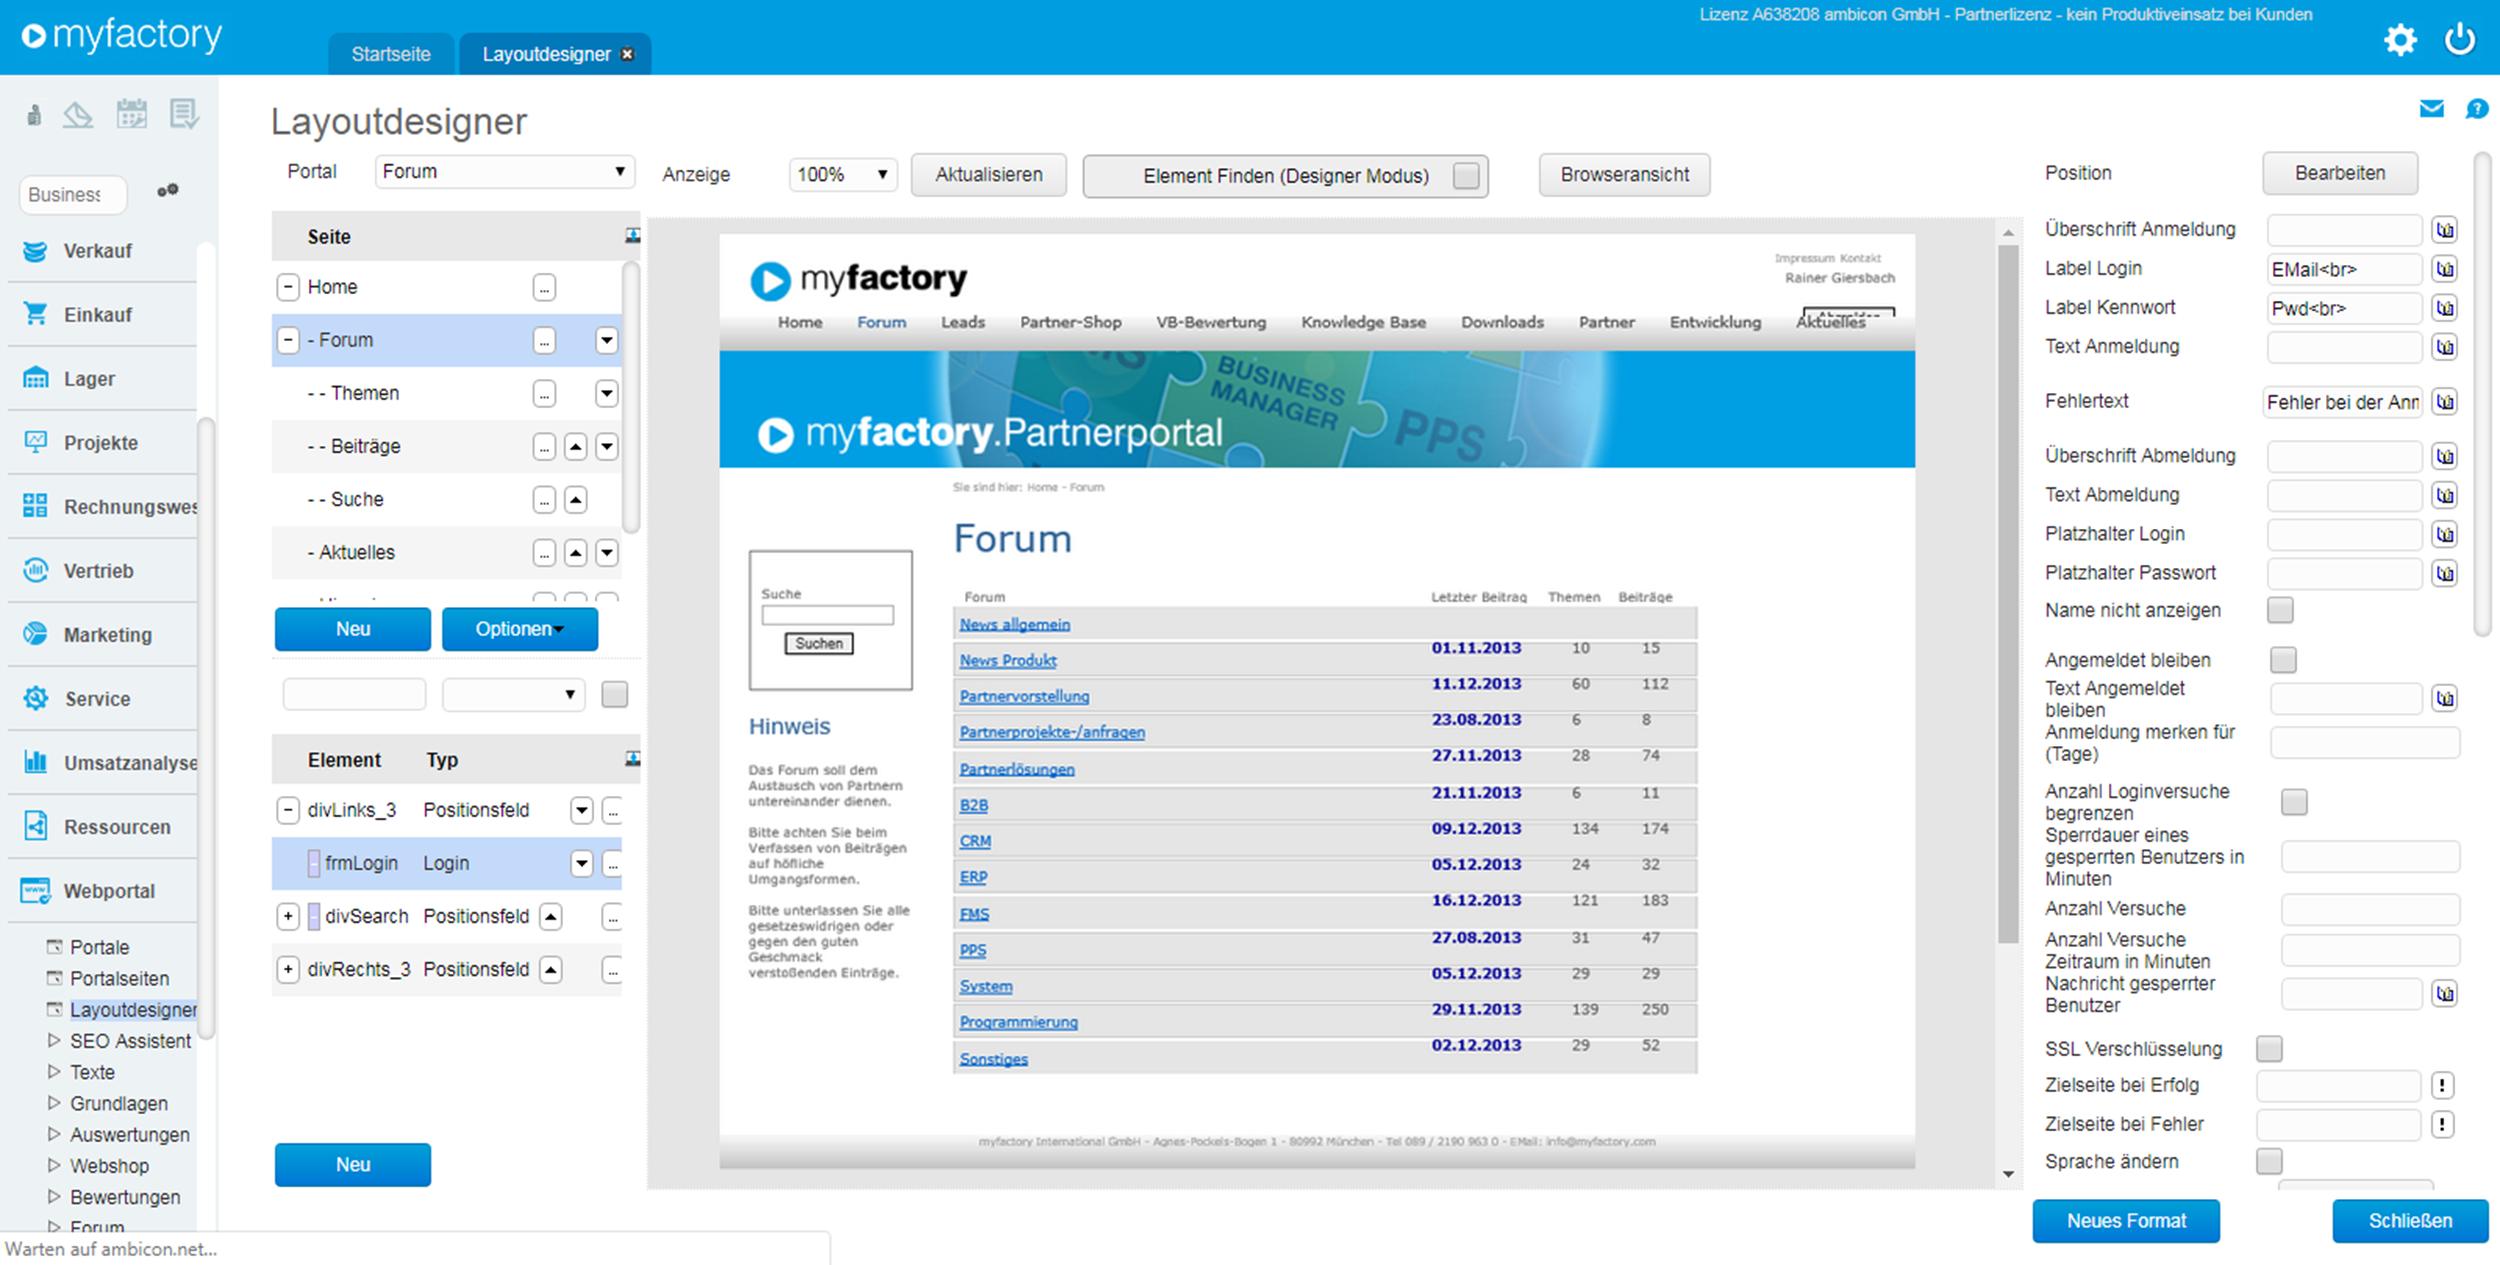 Administrieren Sie Ihr Portal direkt aus der myfactory B2B